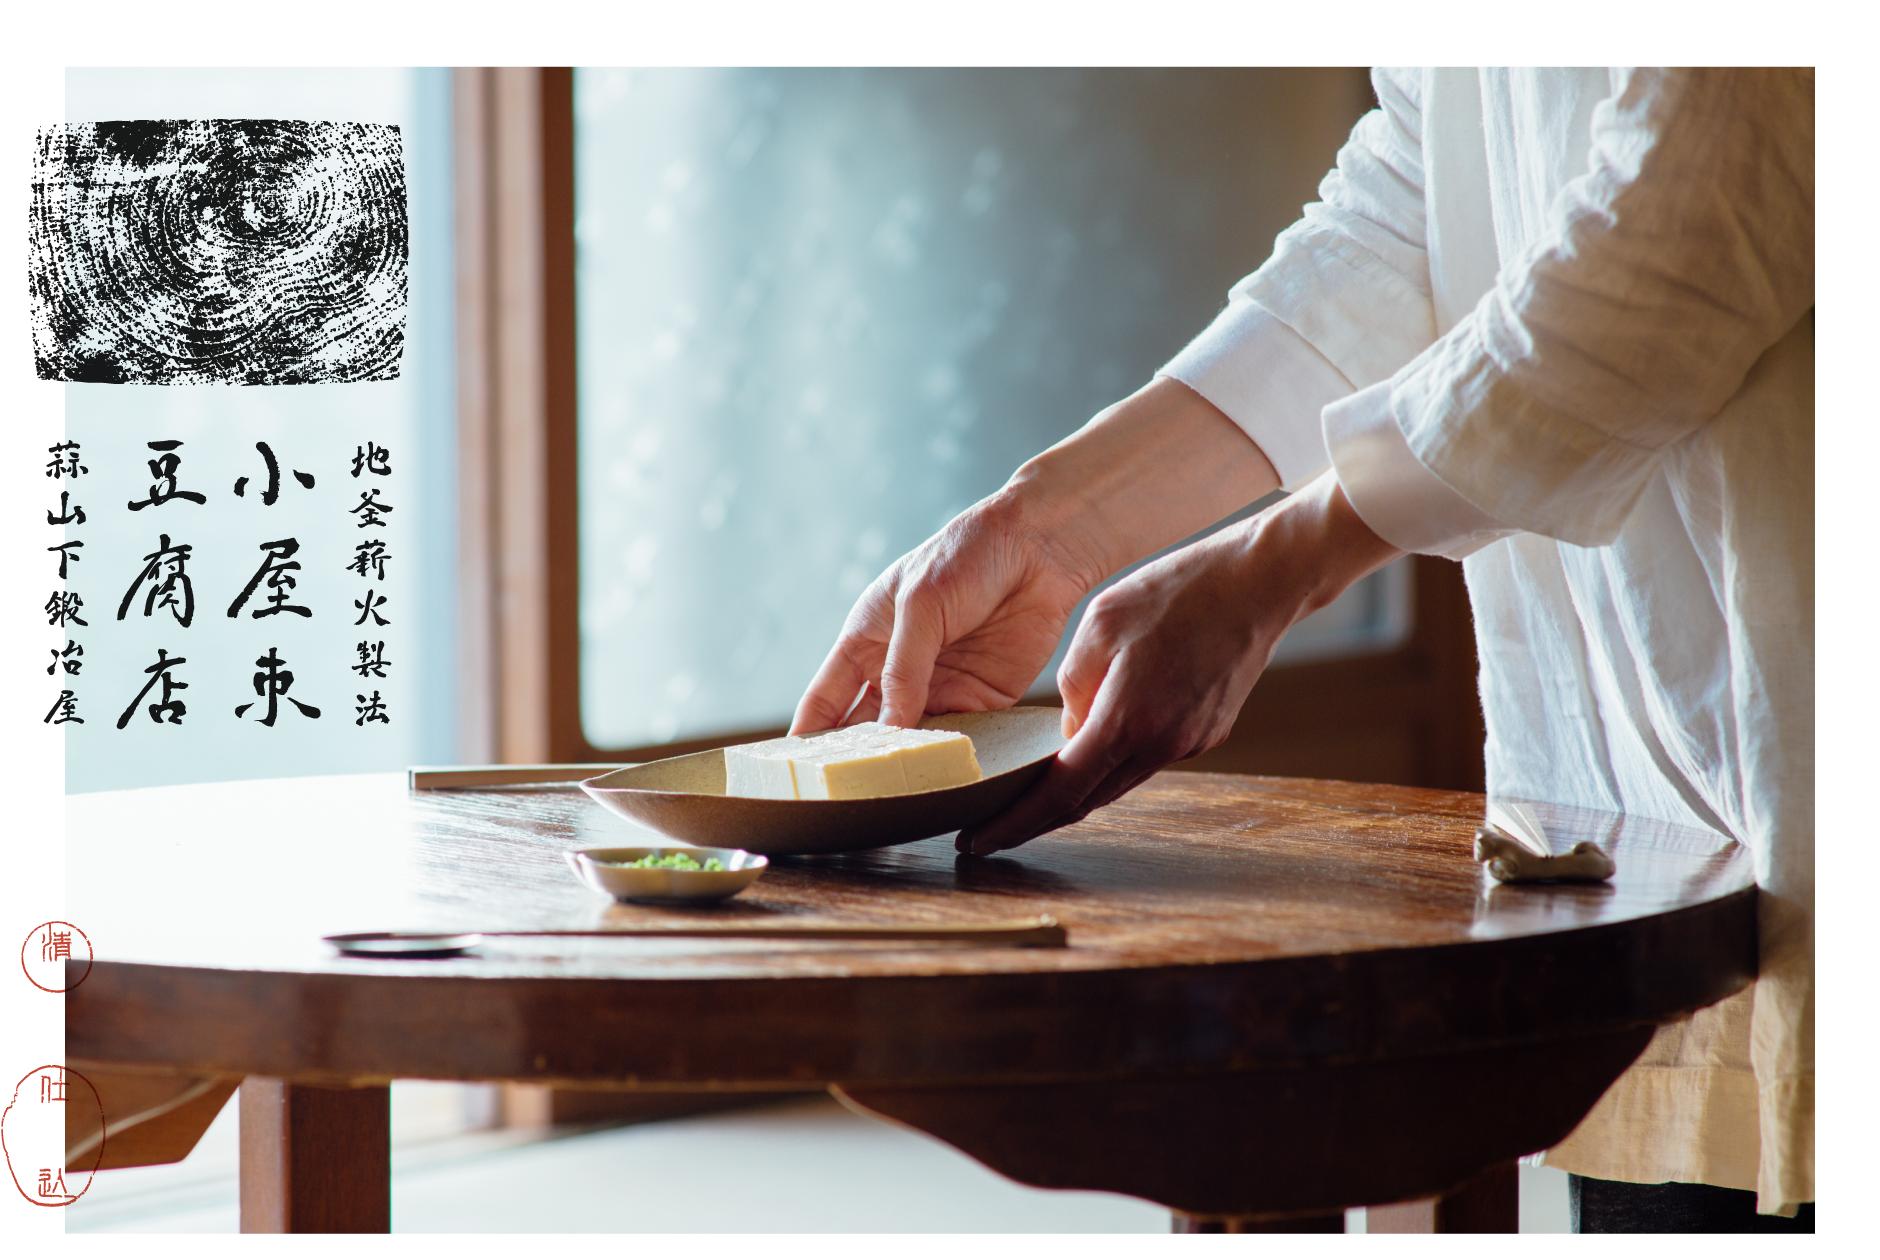 小屋束豆腐店